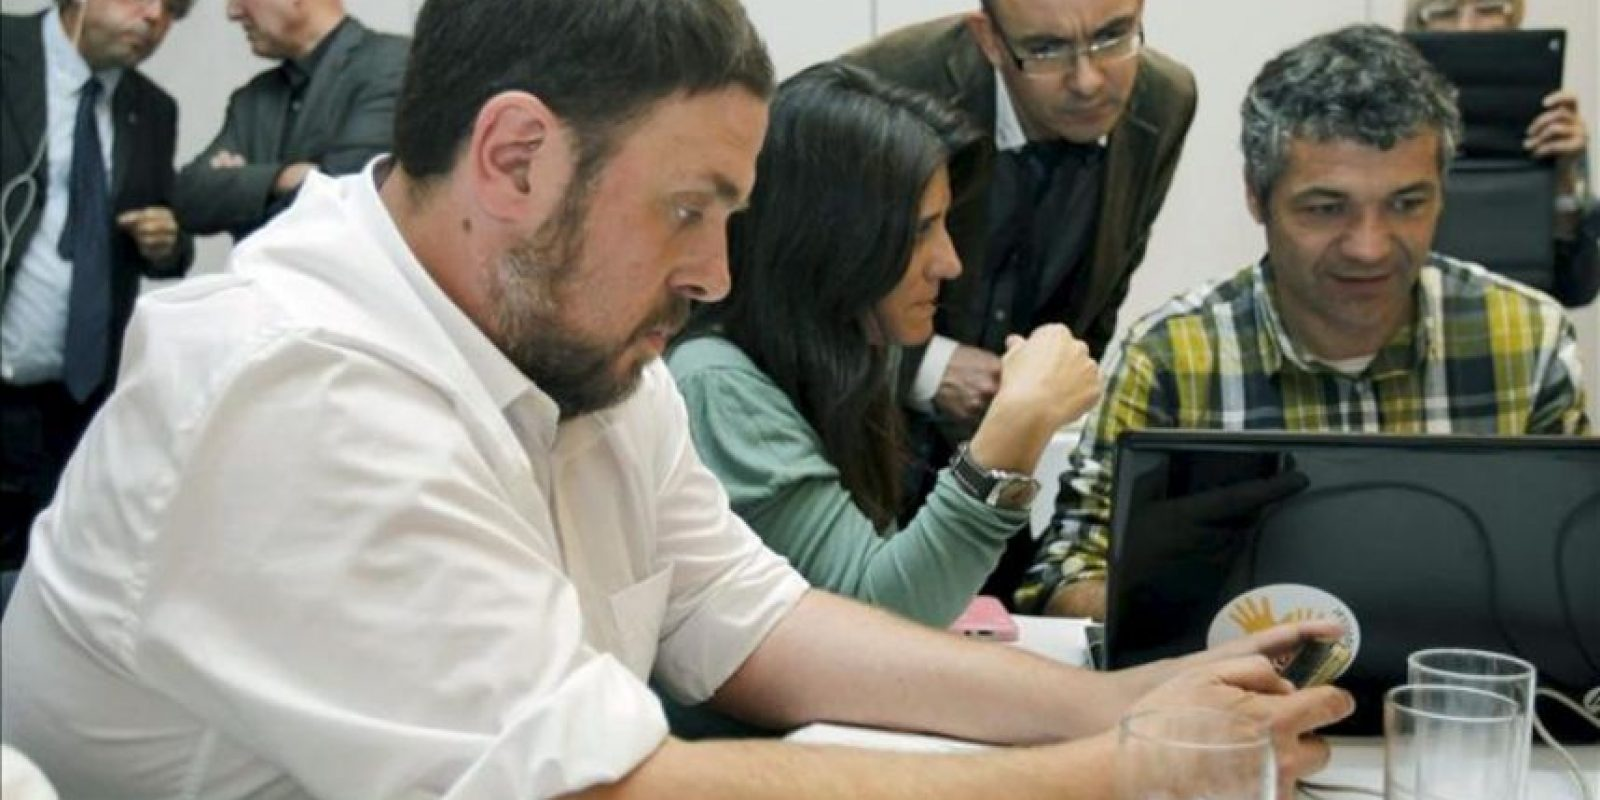 El candidato de ERC (Esquerra Republicana de Catalunya), Oriol Junqueras, sigue el recuento de votos de su partido en las elecciones autonómicas del 25N desde la pantalla de su móvil, al fondo el expresidente del Parlament Ernest Benach (i) y el exconseller de Cultura Joan Manuel Tresserras. EFE